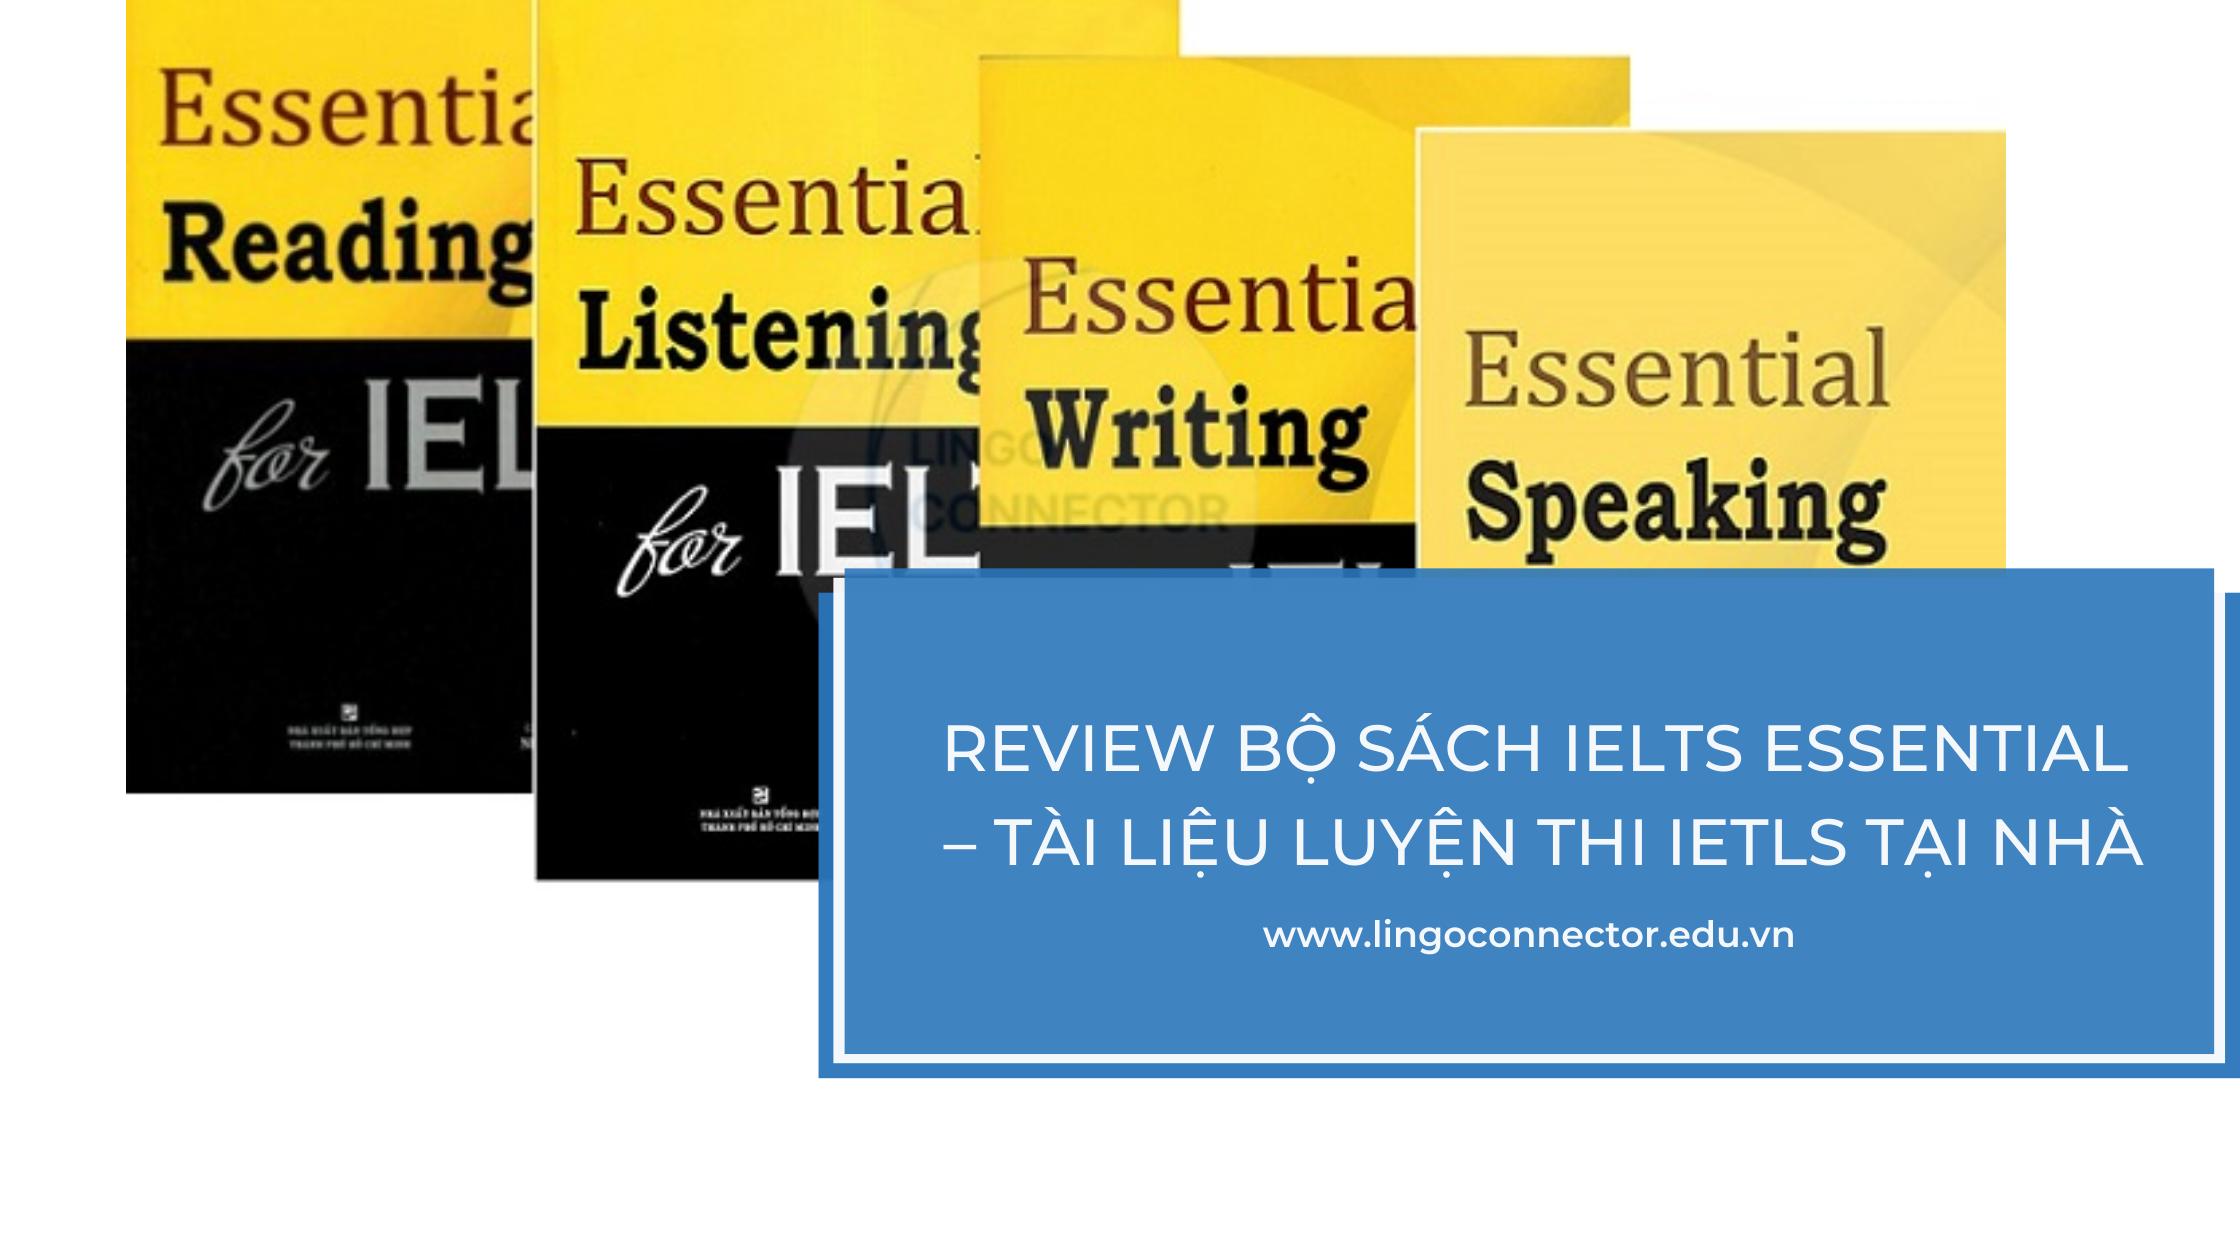 Review bộ sách IELTS Essential – Tài liệu luyện thi IETLS tại nhà